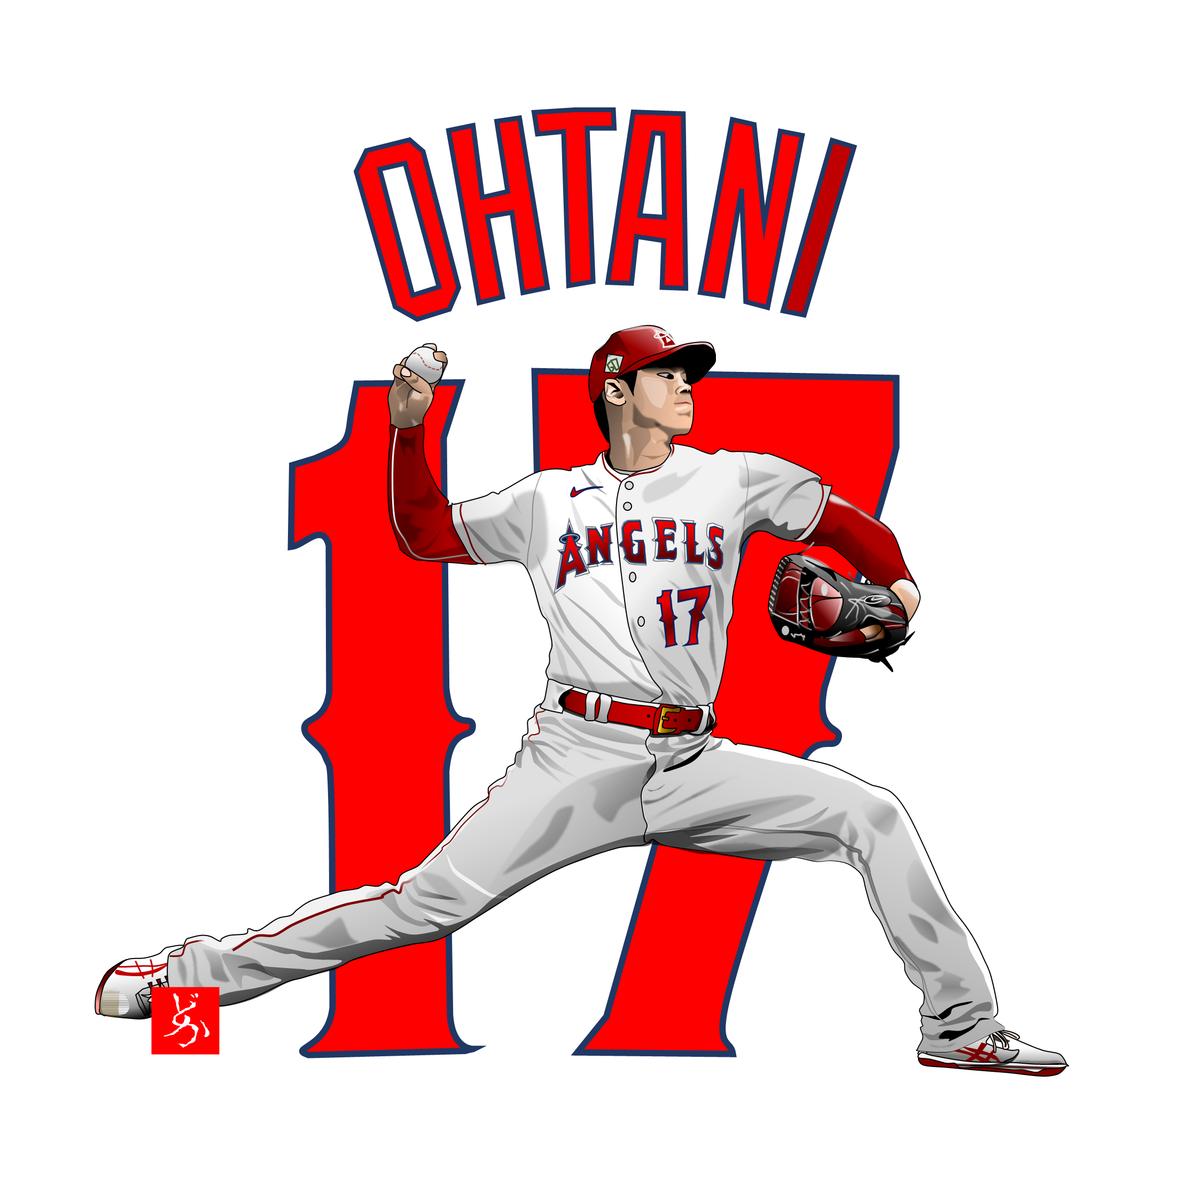 MLBエンゼルスの投手・大谷翔平のエクセル画イラスト